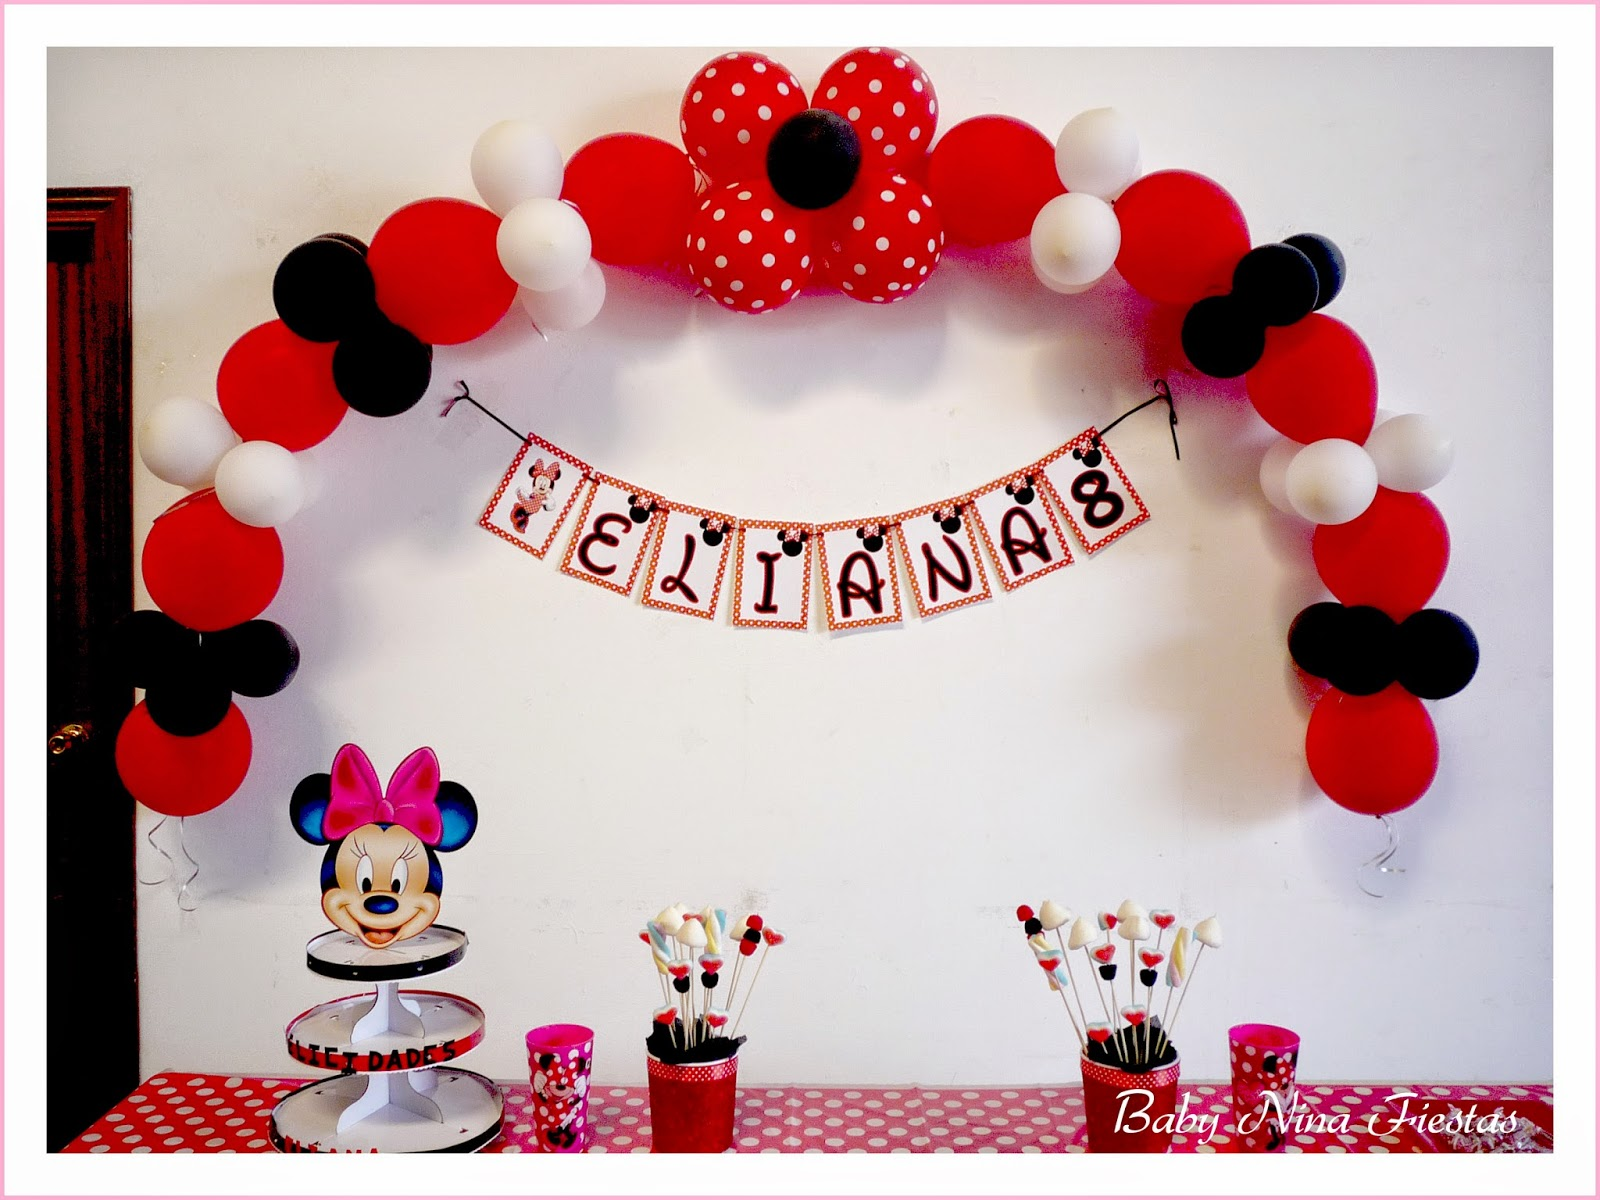 Baby nina fiestas decoraci n para el cumple minnie mouse - Decoracion blanco negro rojo ...